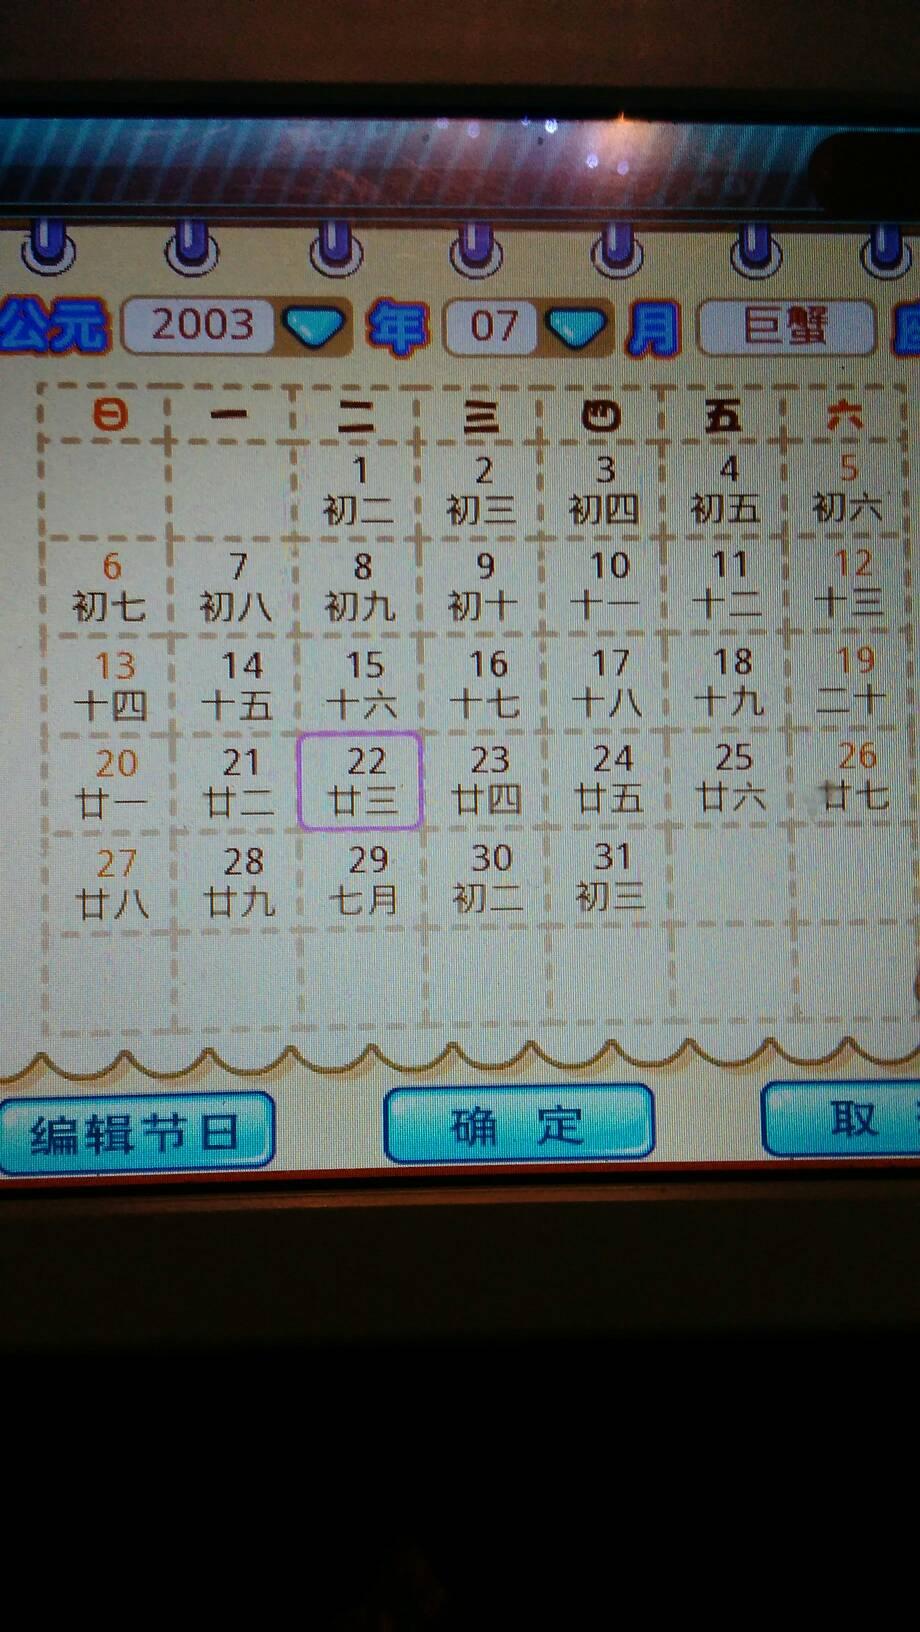 姓王的女孩名字_2012年阳历7月26日出生的女孩,父亲姓王,母亲姓刘,起什么名字好?